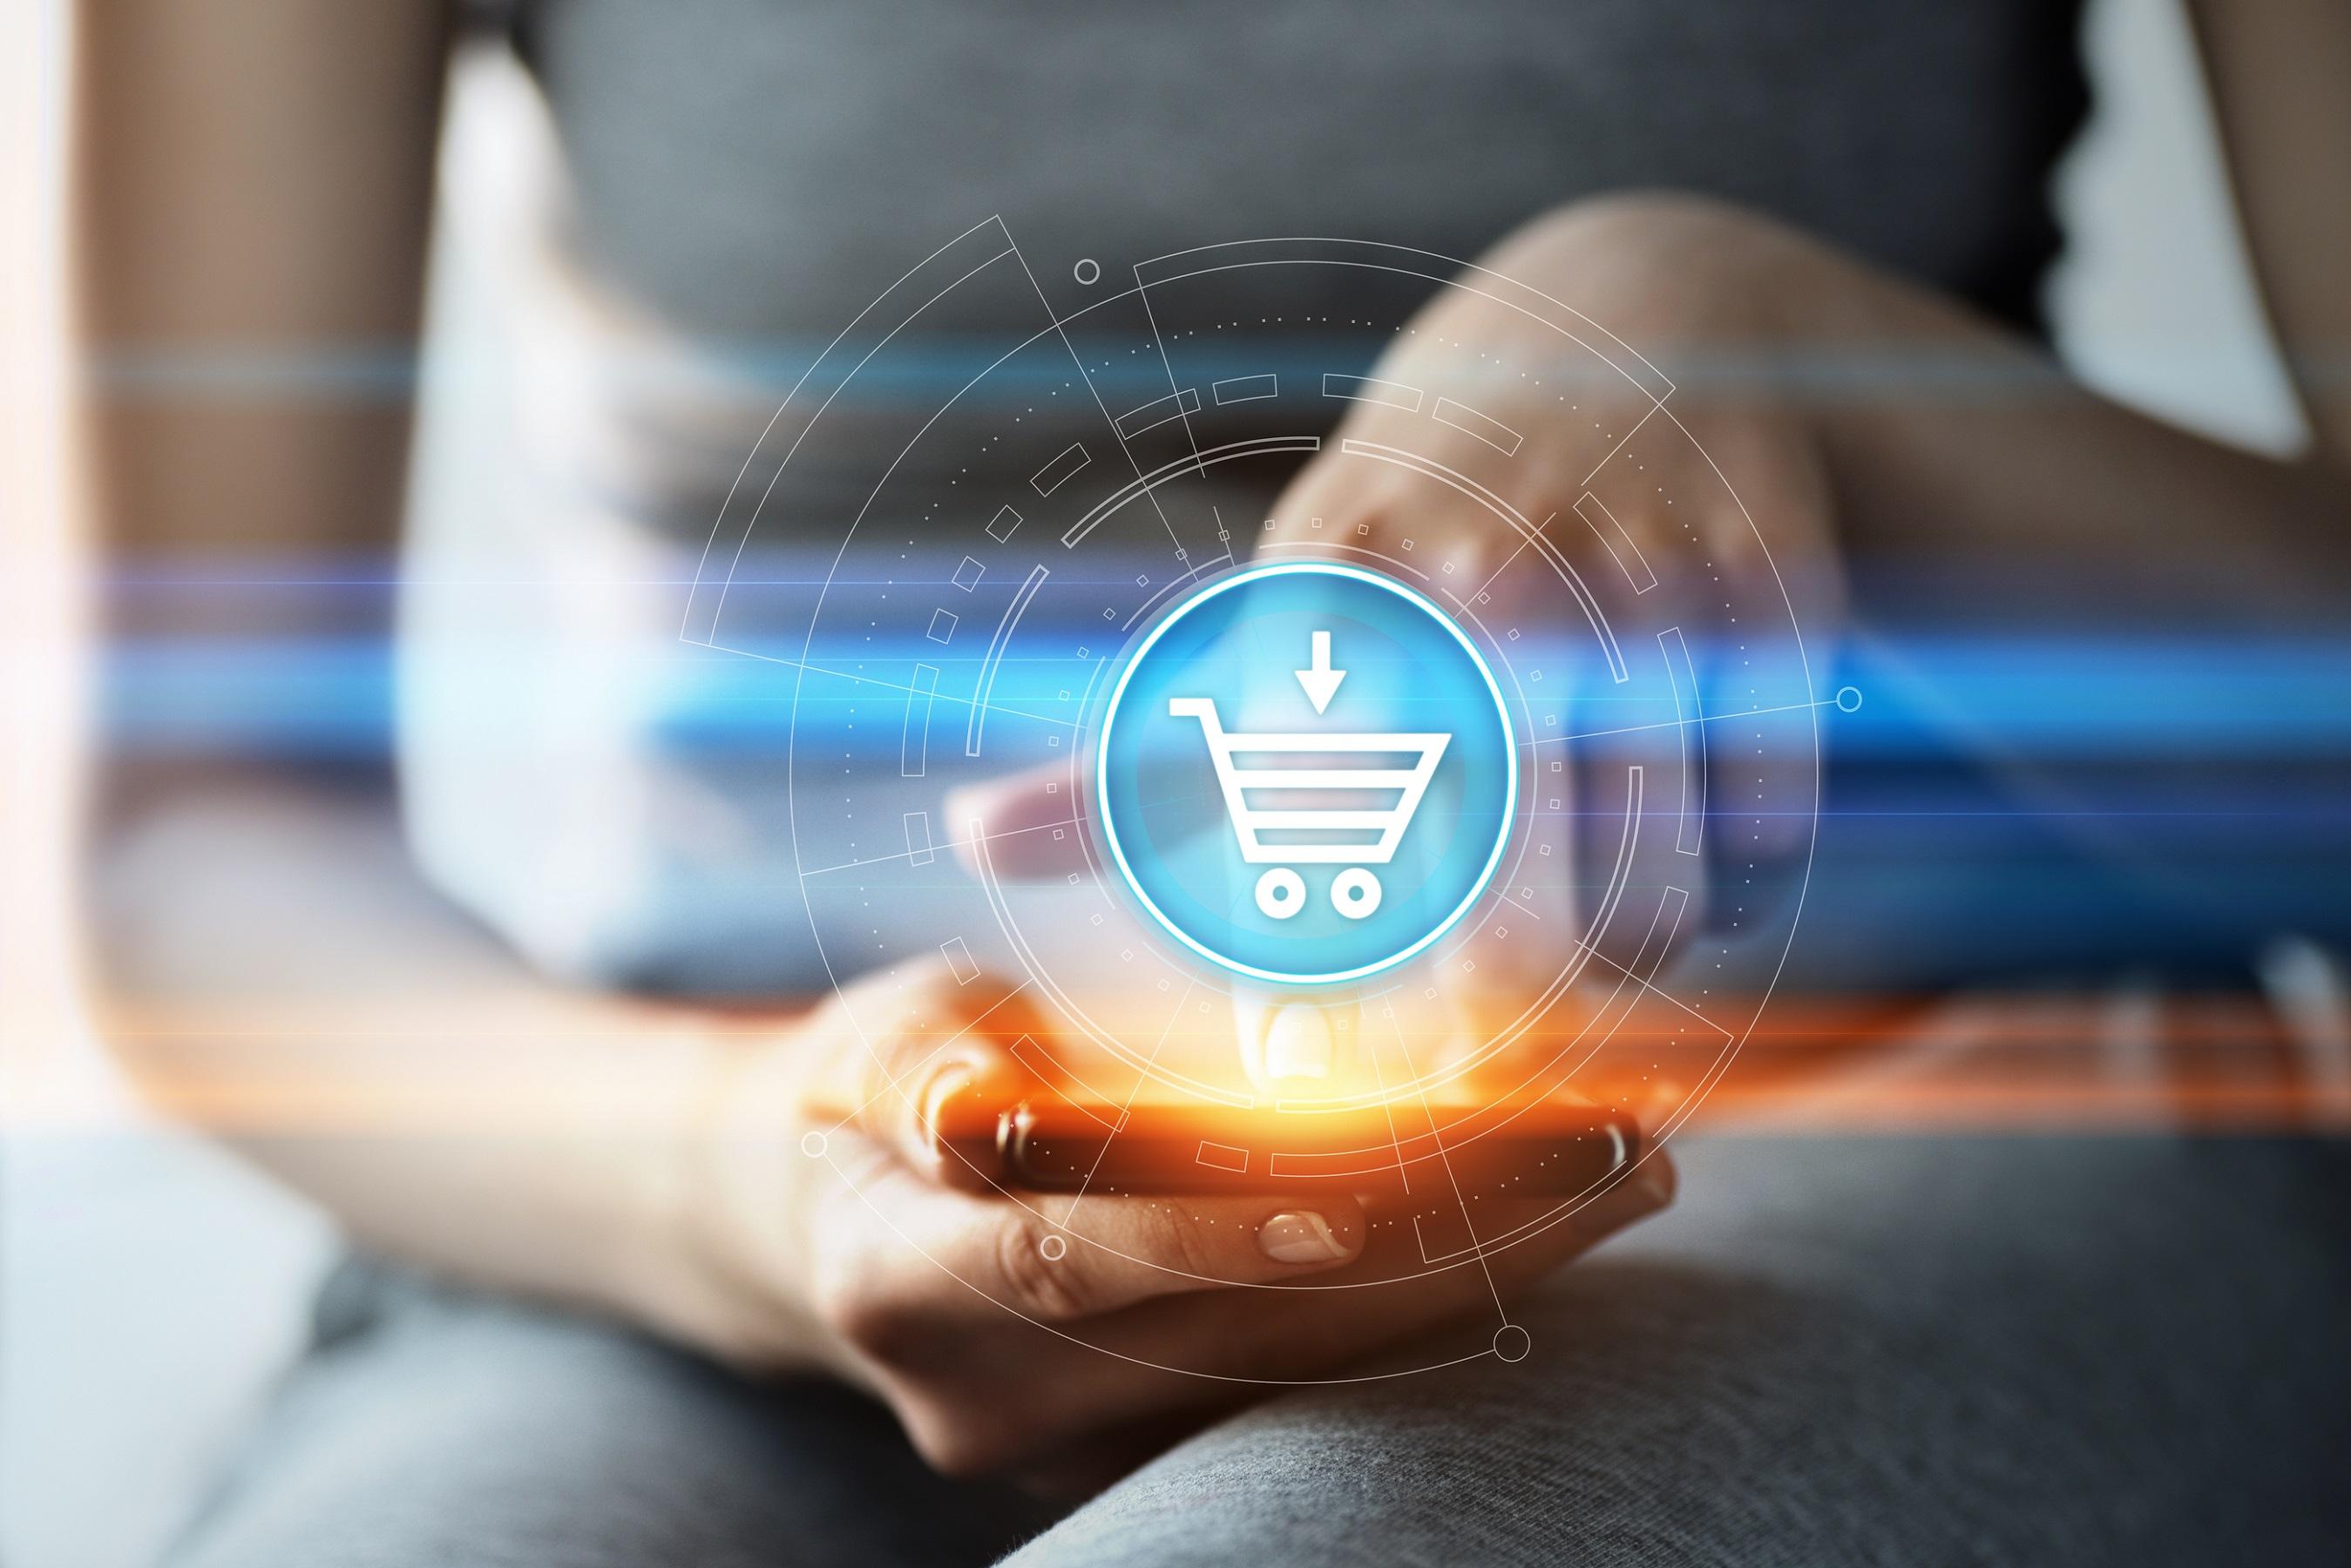 Dijital Dönüşüm Danışmanı ve Me Consultancy kurucusu Murat Erdör, dijitalleşen dünyada ekonominin itici güçlerinden biri olmaya doğru adım adım ilerleyen ve satın alma davranışlarımızı değiştiren e-ticaretin geleceğiyle ilgili öngörüleri paylaştı.